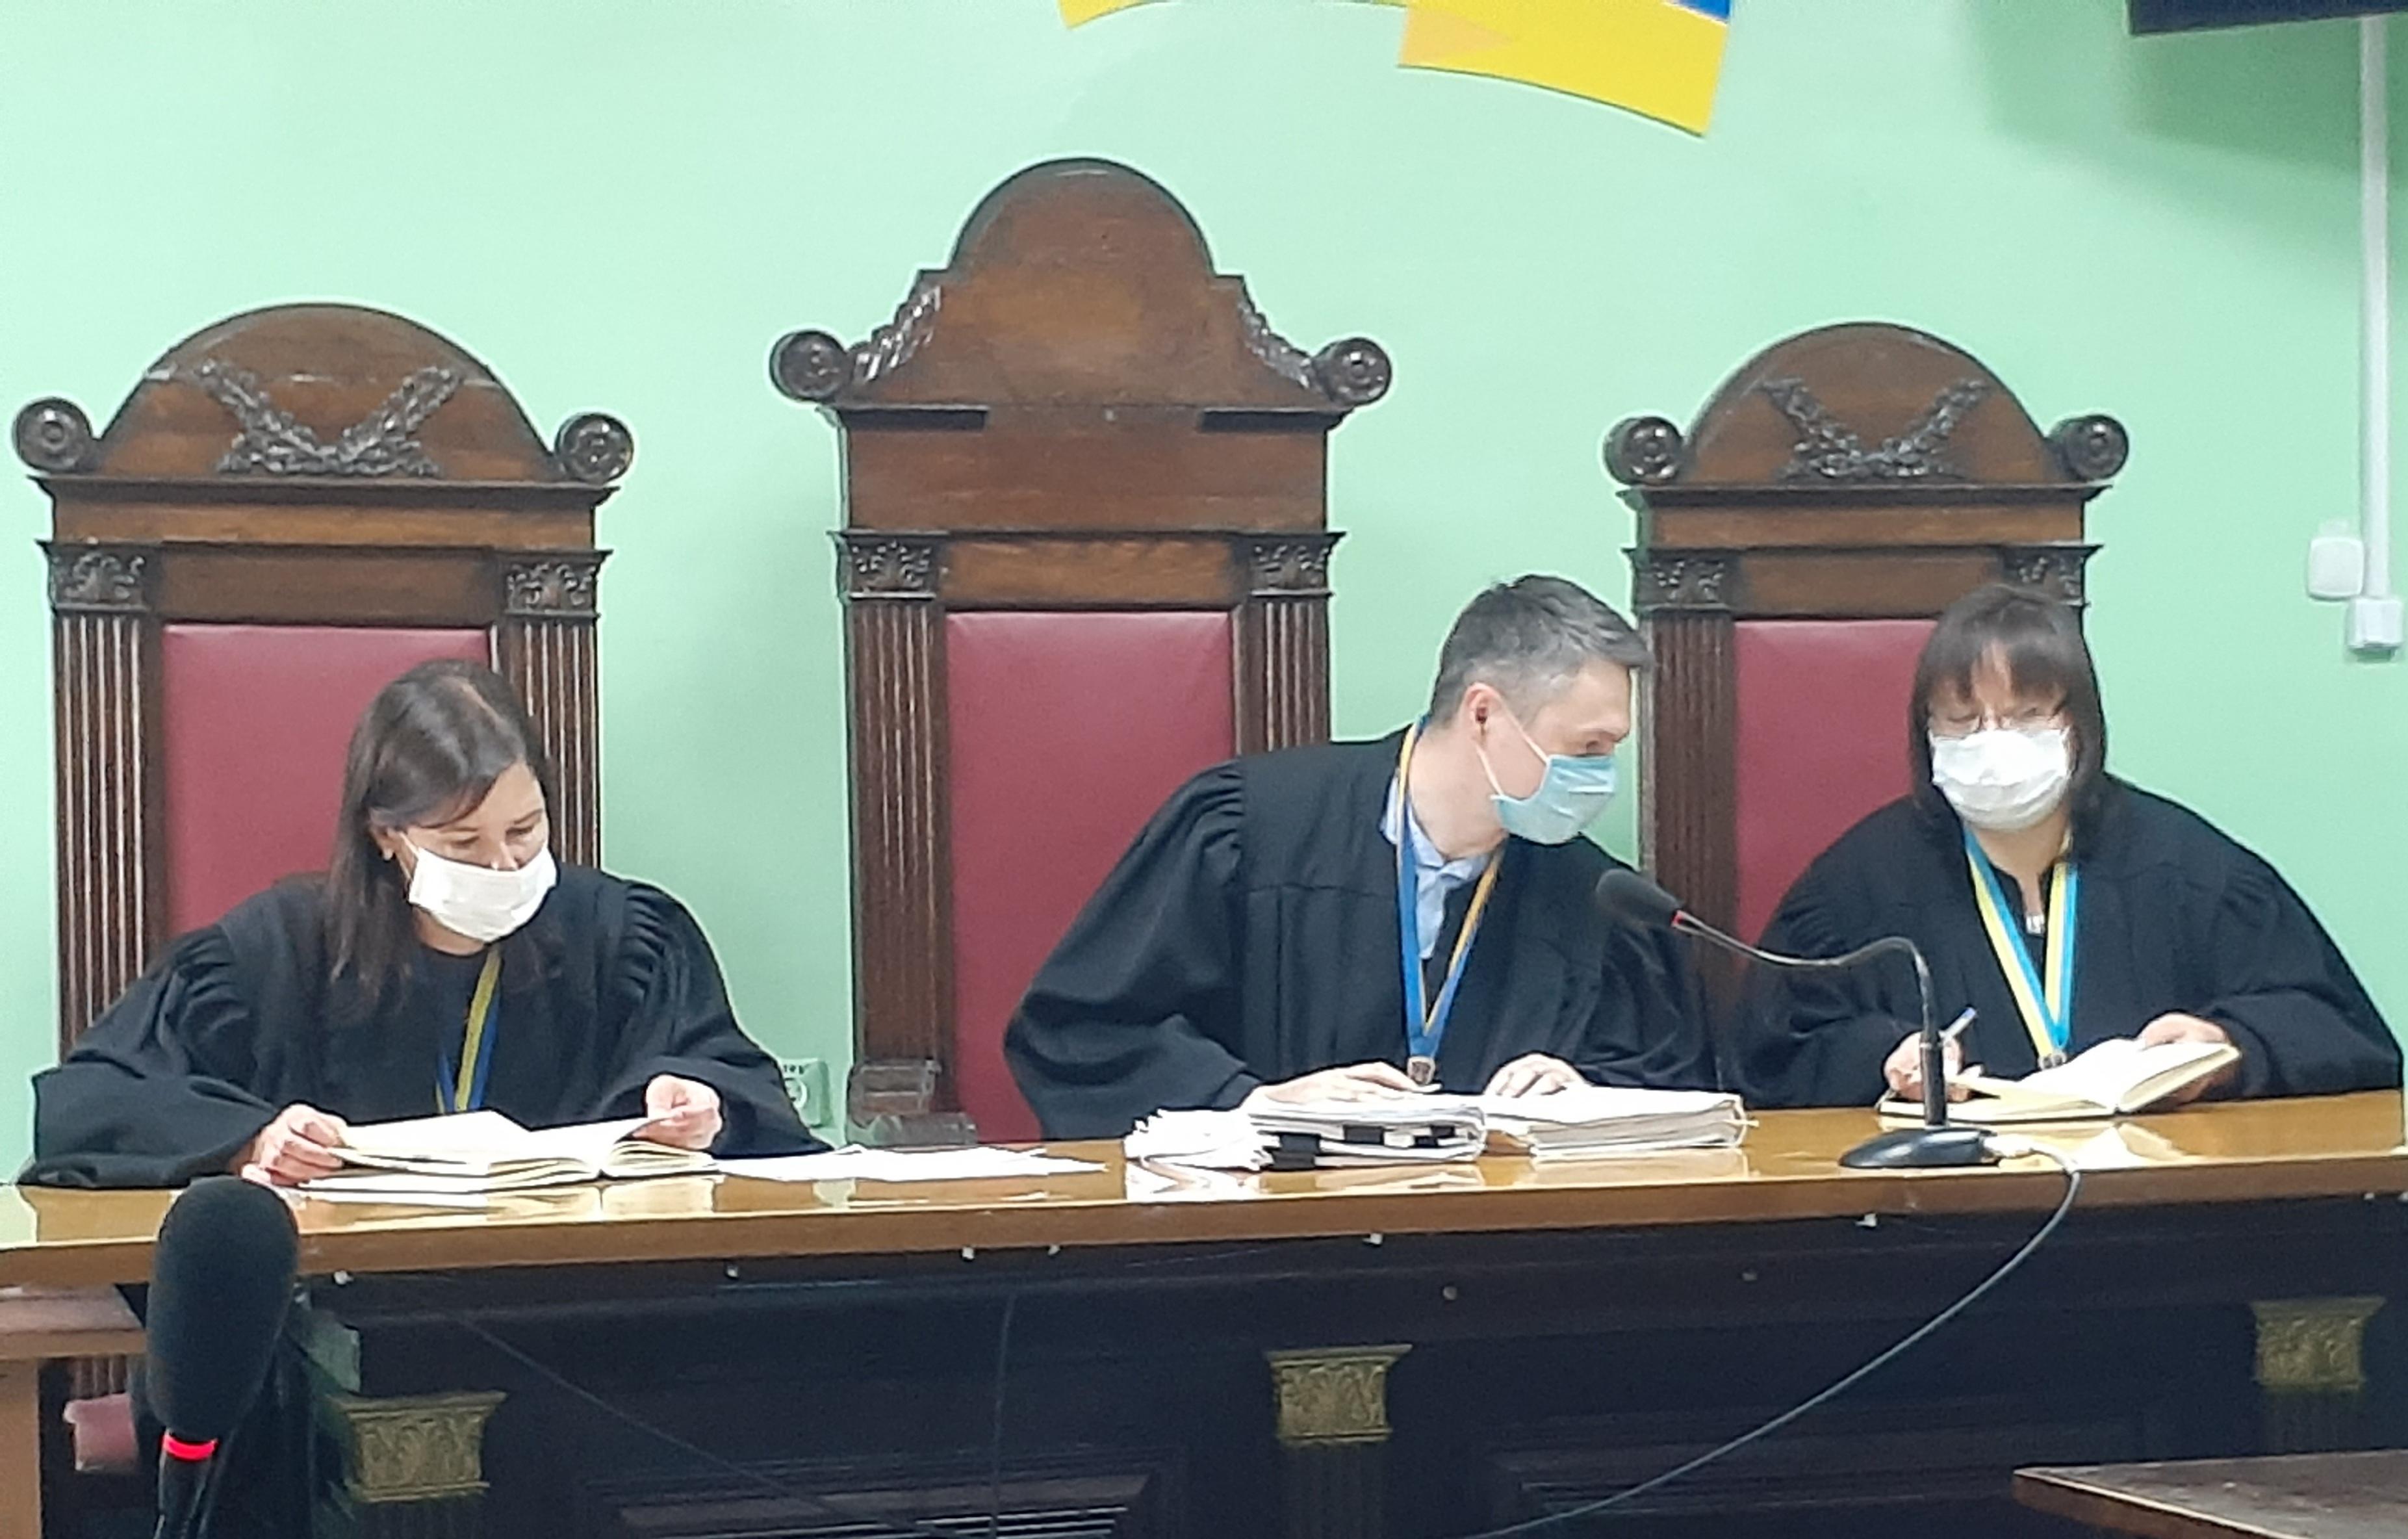 Чернігівський суд не застосував примусовий привід до голови виконкому РПЛ Авер'янова у справі про викрадення Porche Cayenne (ВІДЕО)